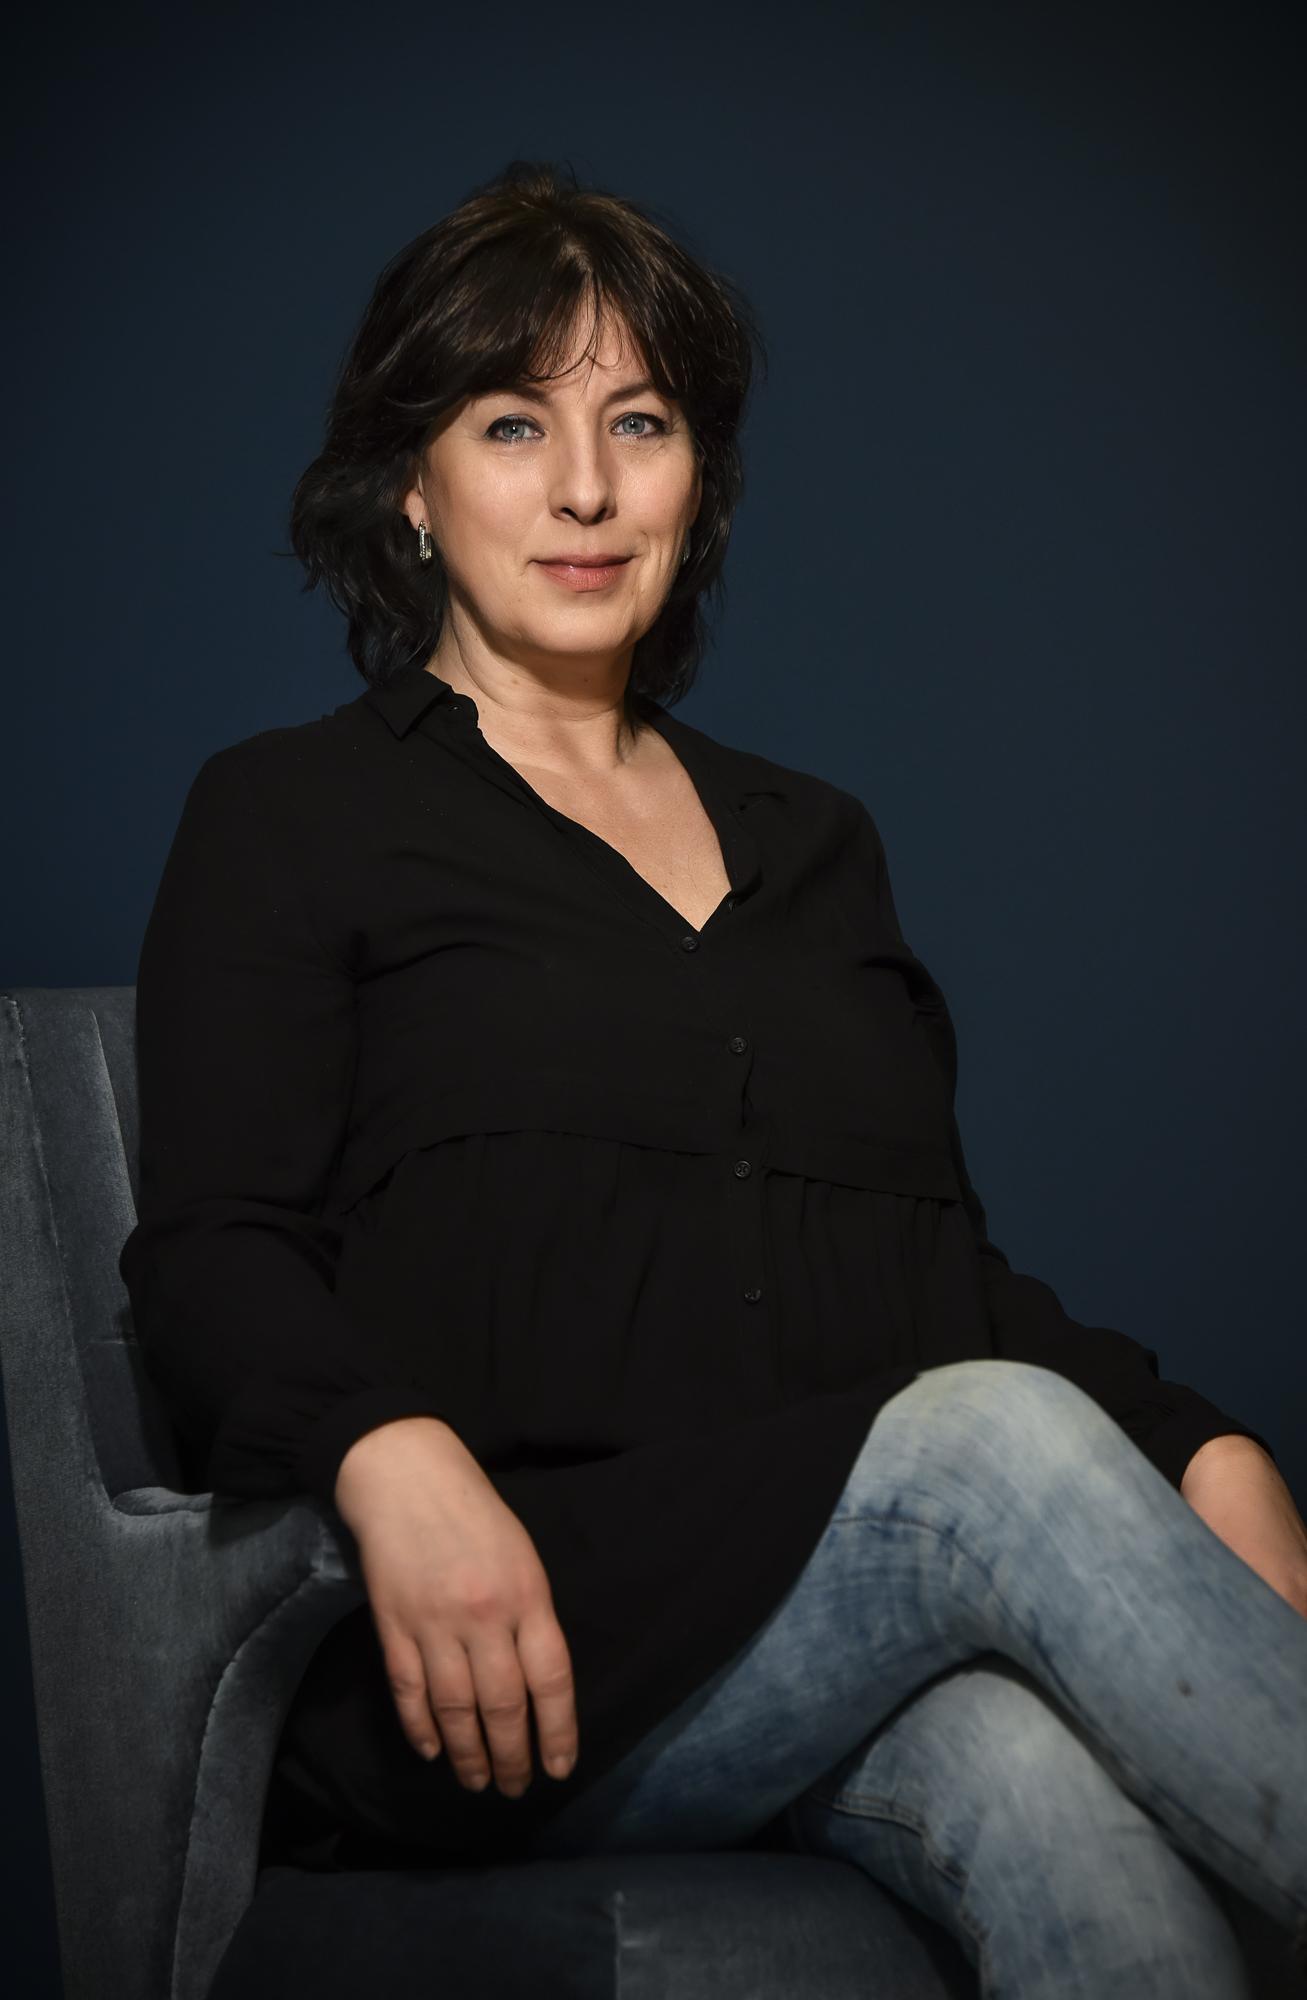 Marcela Arnoštová